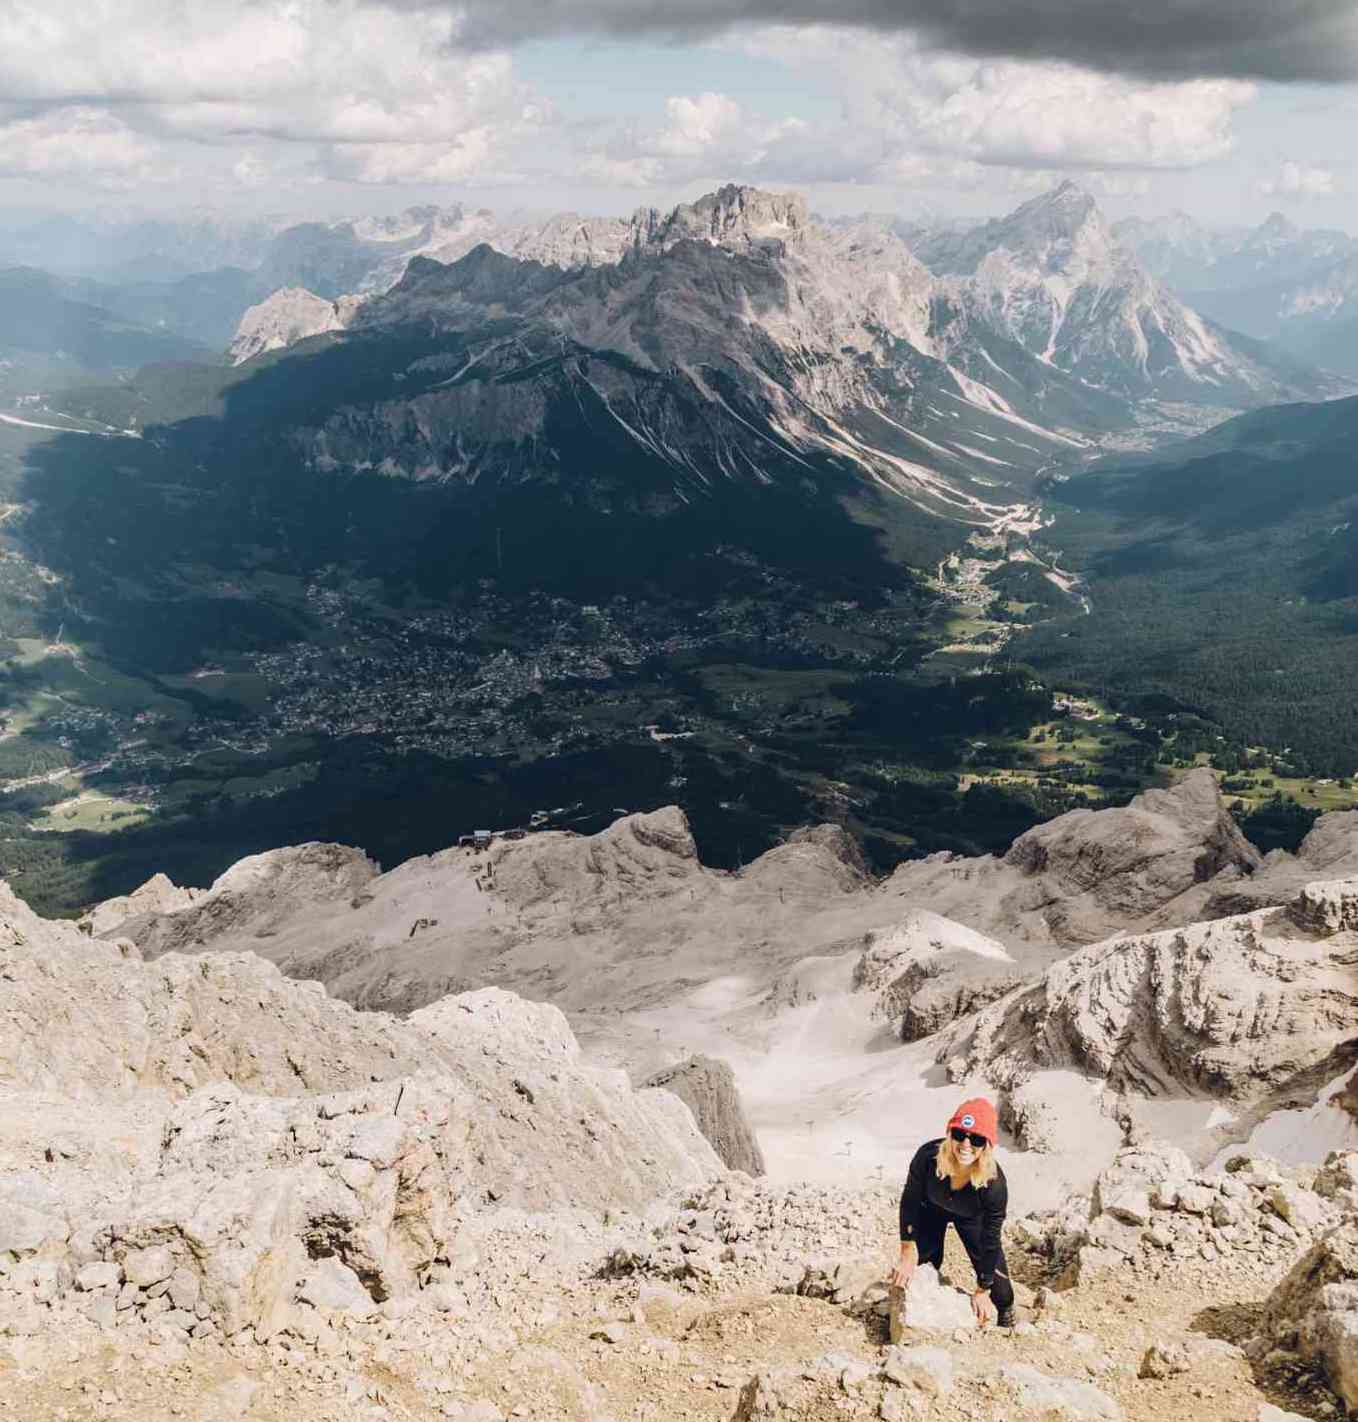 Tofana di Mezzo Hike in the Dolomites